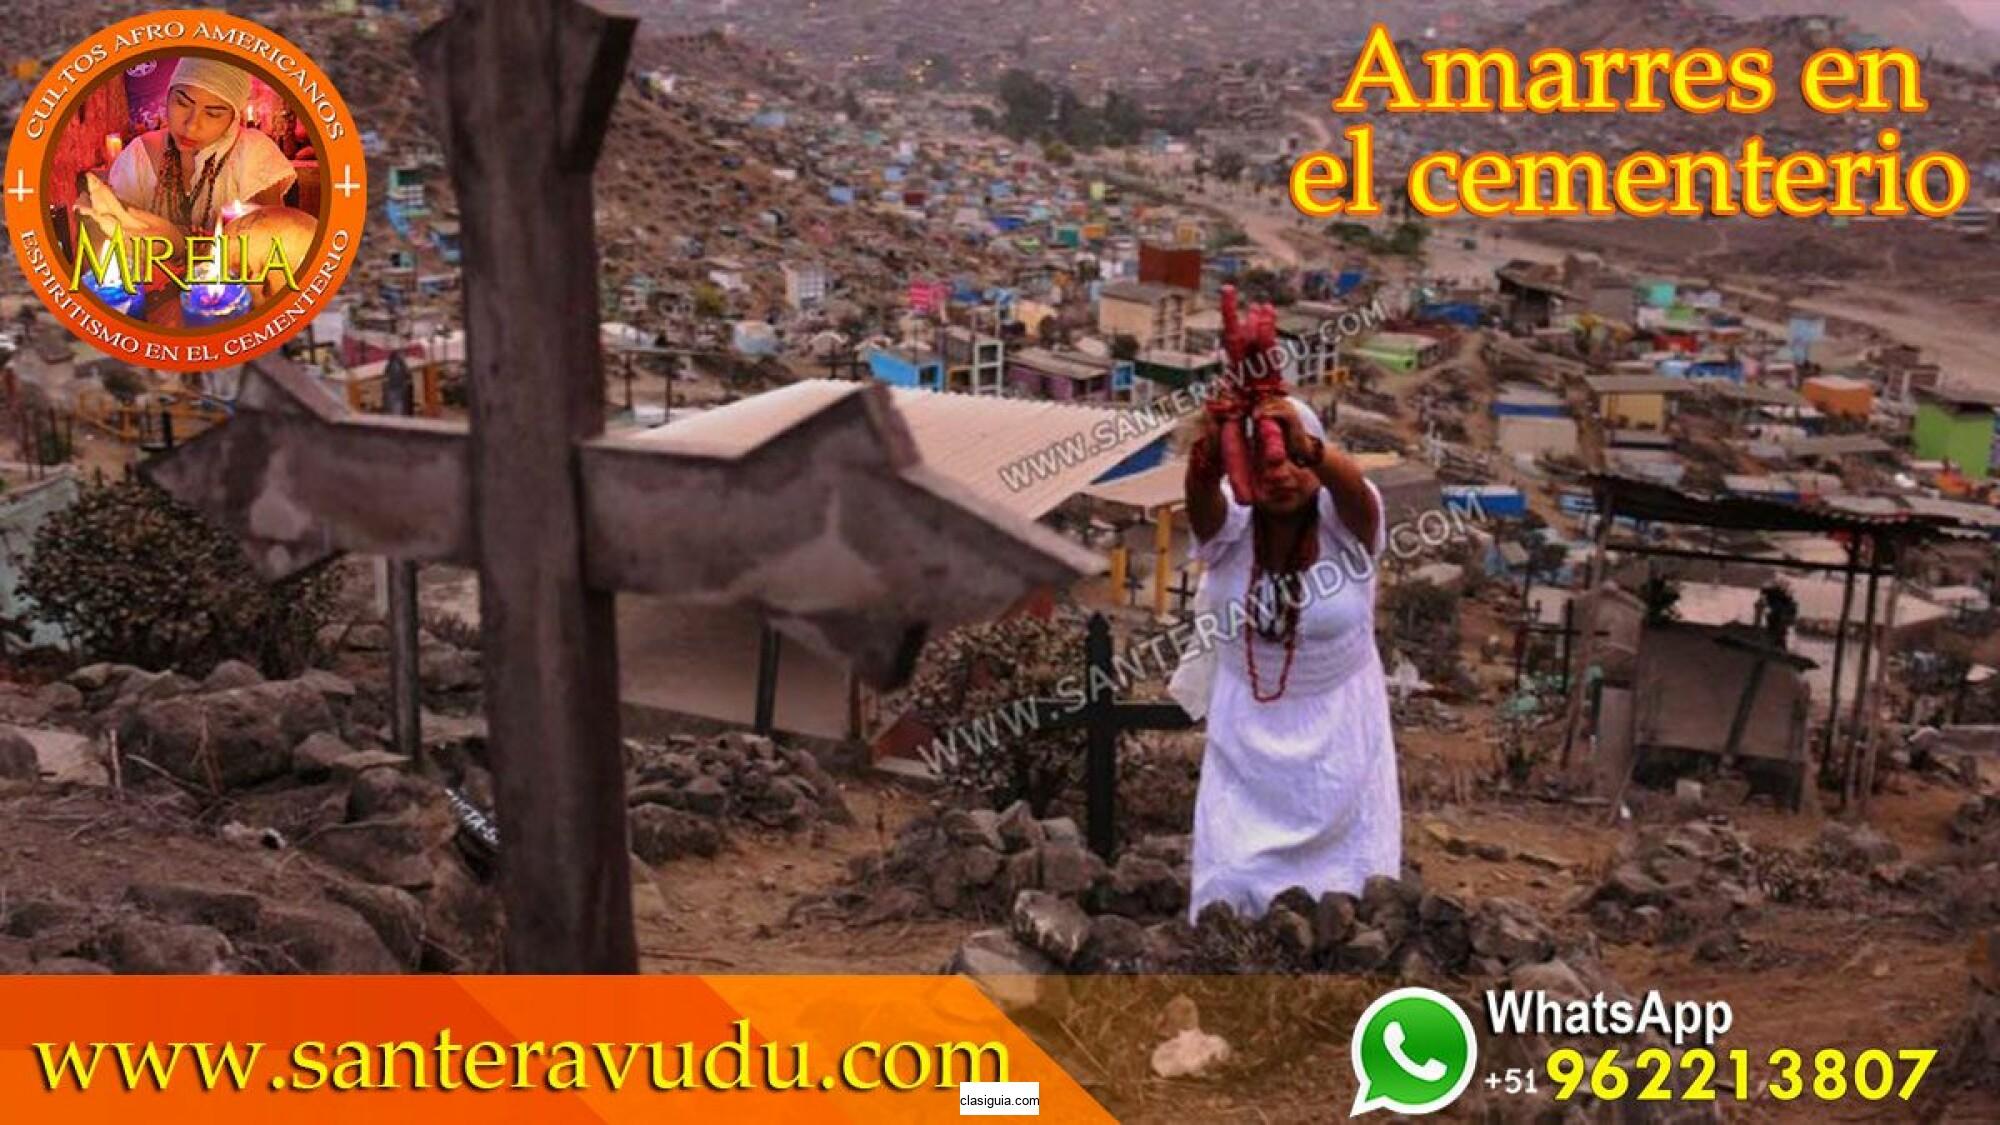 AMARRES DE AMOR PODEROSO EFECTIVO GARANTIZADO 962213807